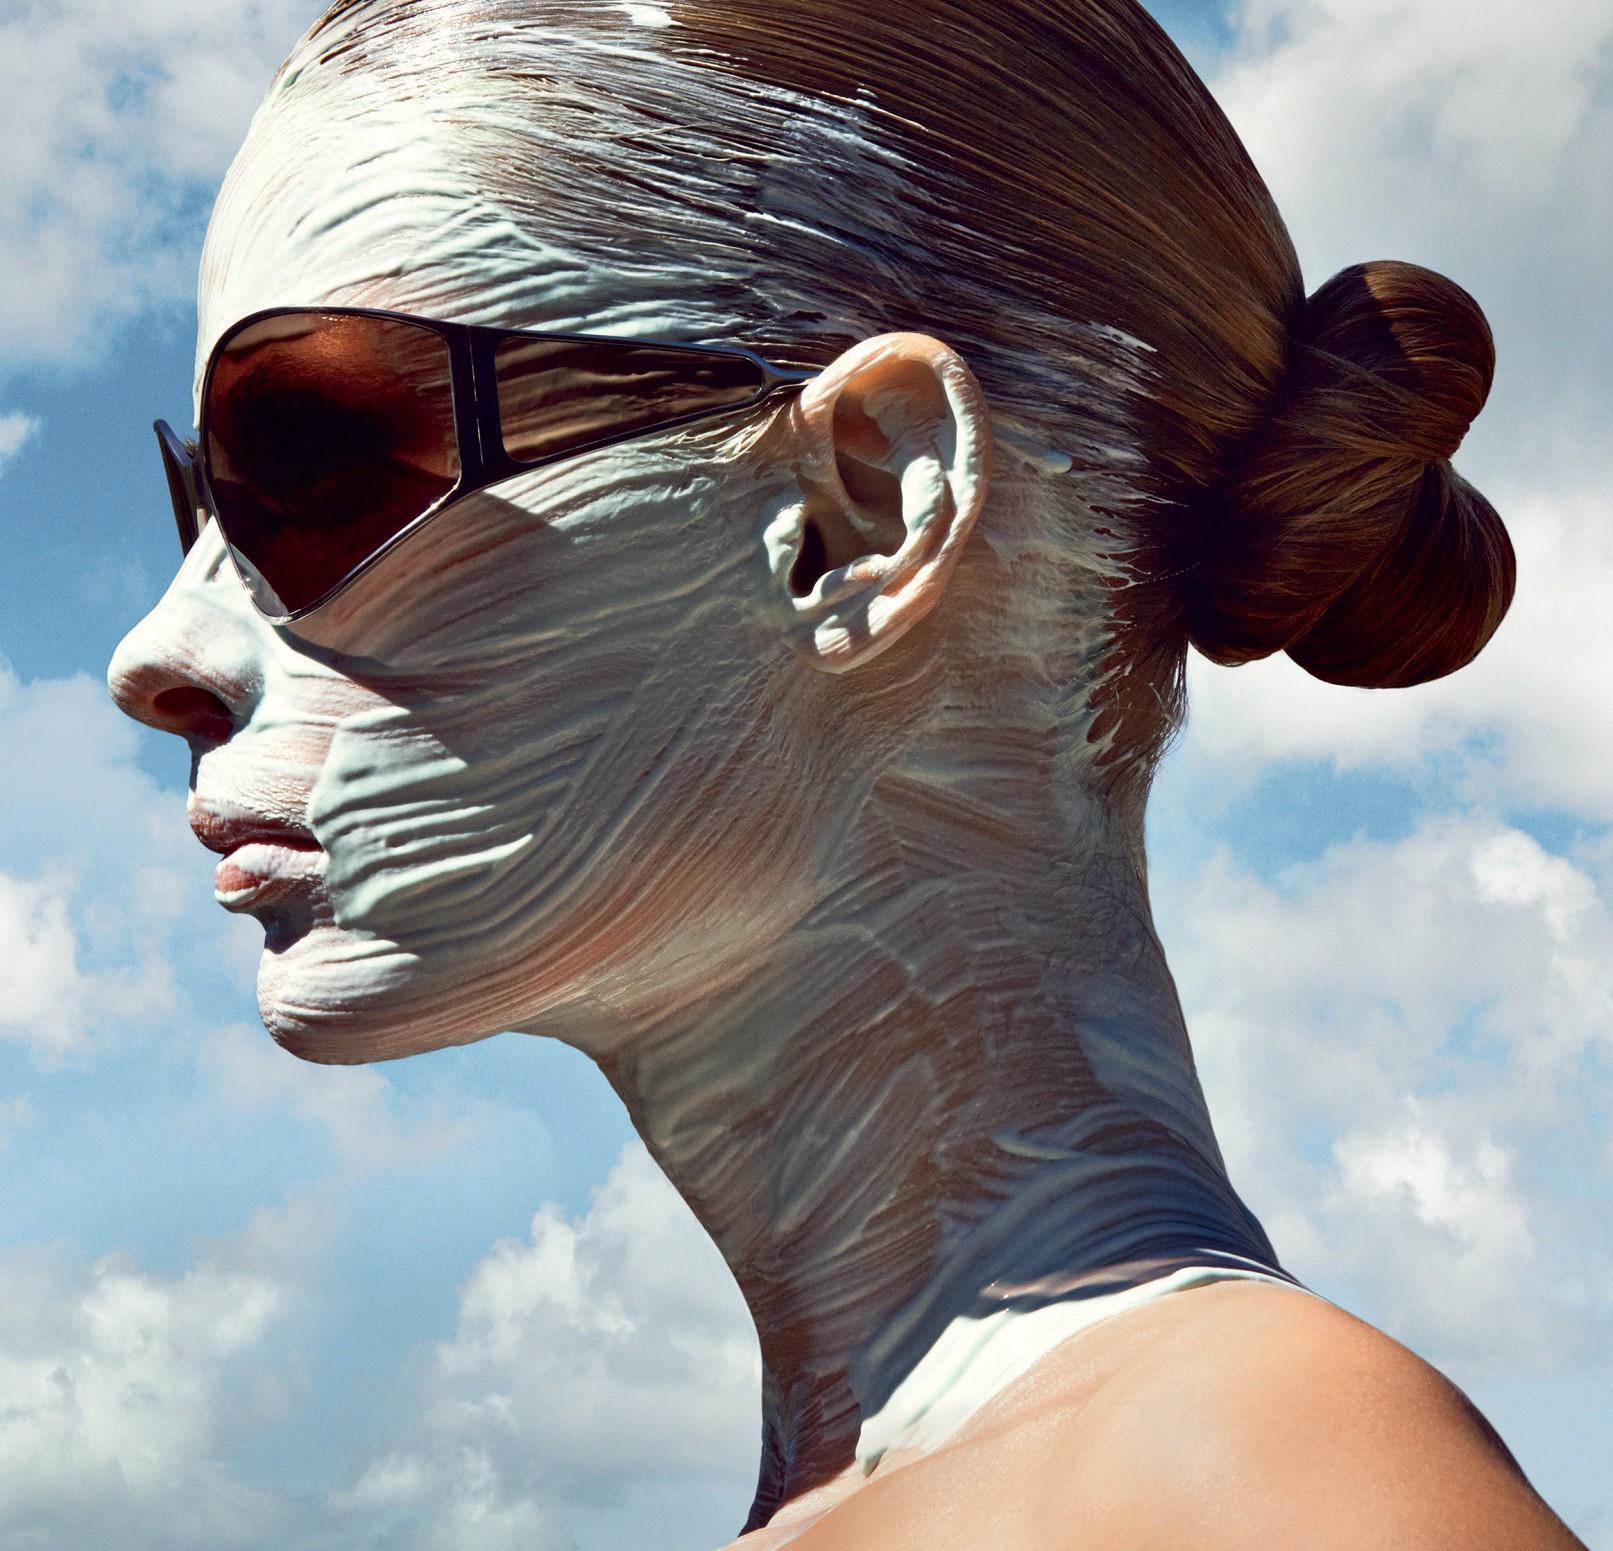 Dê um upgrade na rotina de beleza e aposte em combos de máscaras faciais para máximo efeito (Foto: Condé e Divulgação)